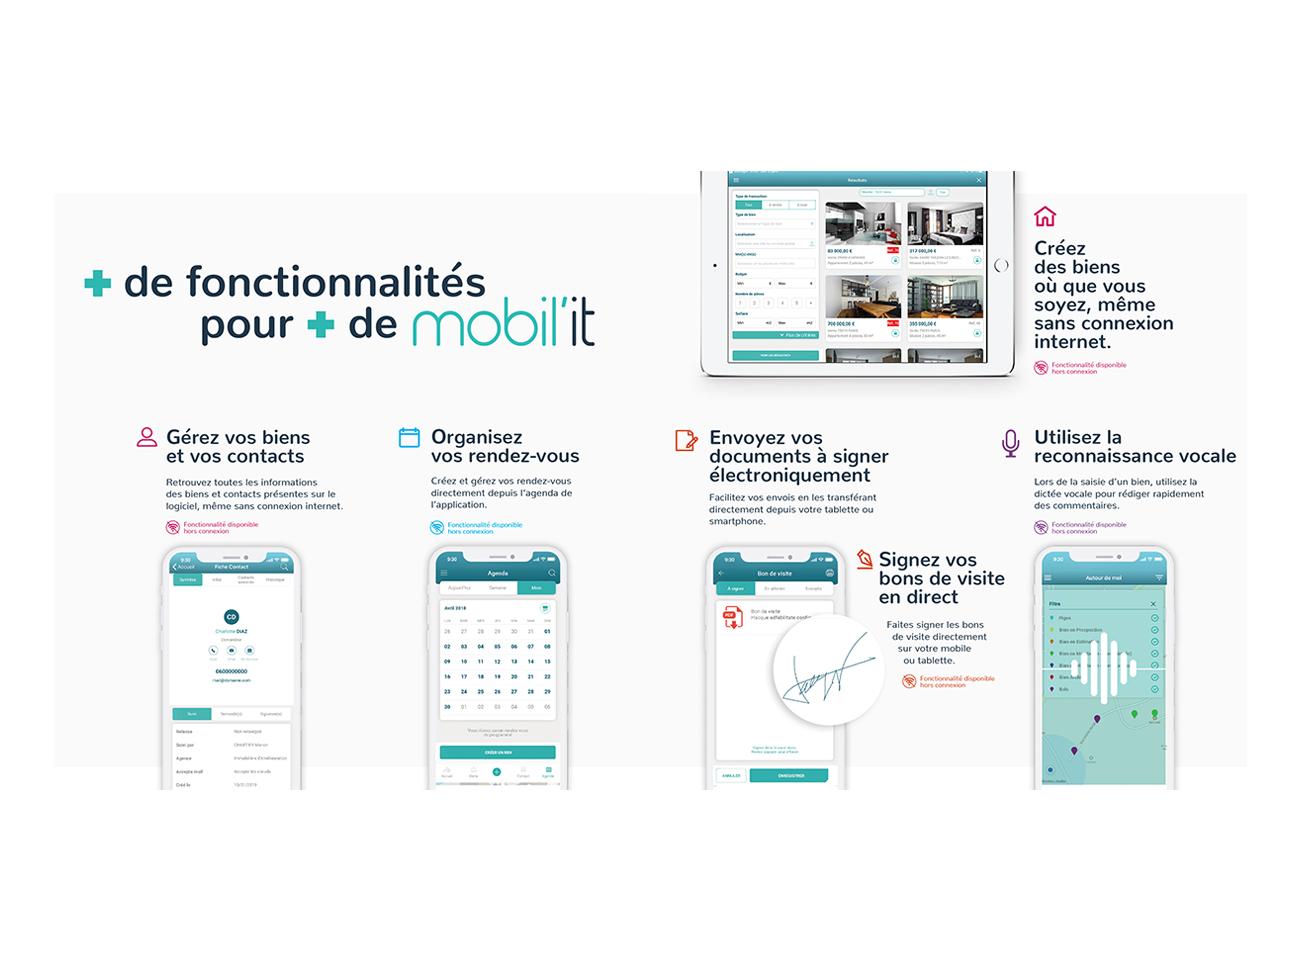 mobilit-identité-visuel-communication-bretagne-lorient